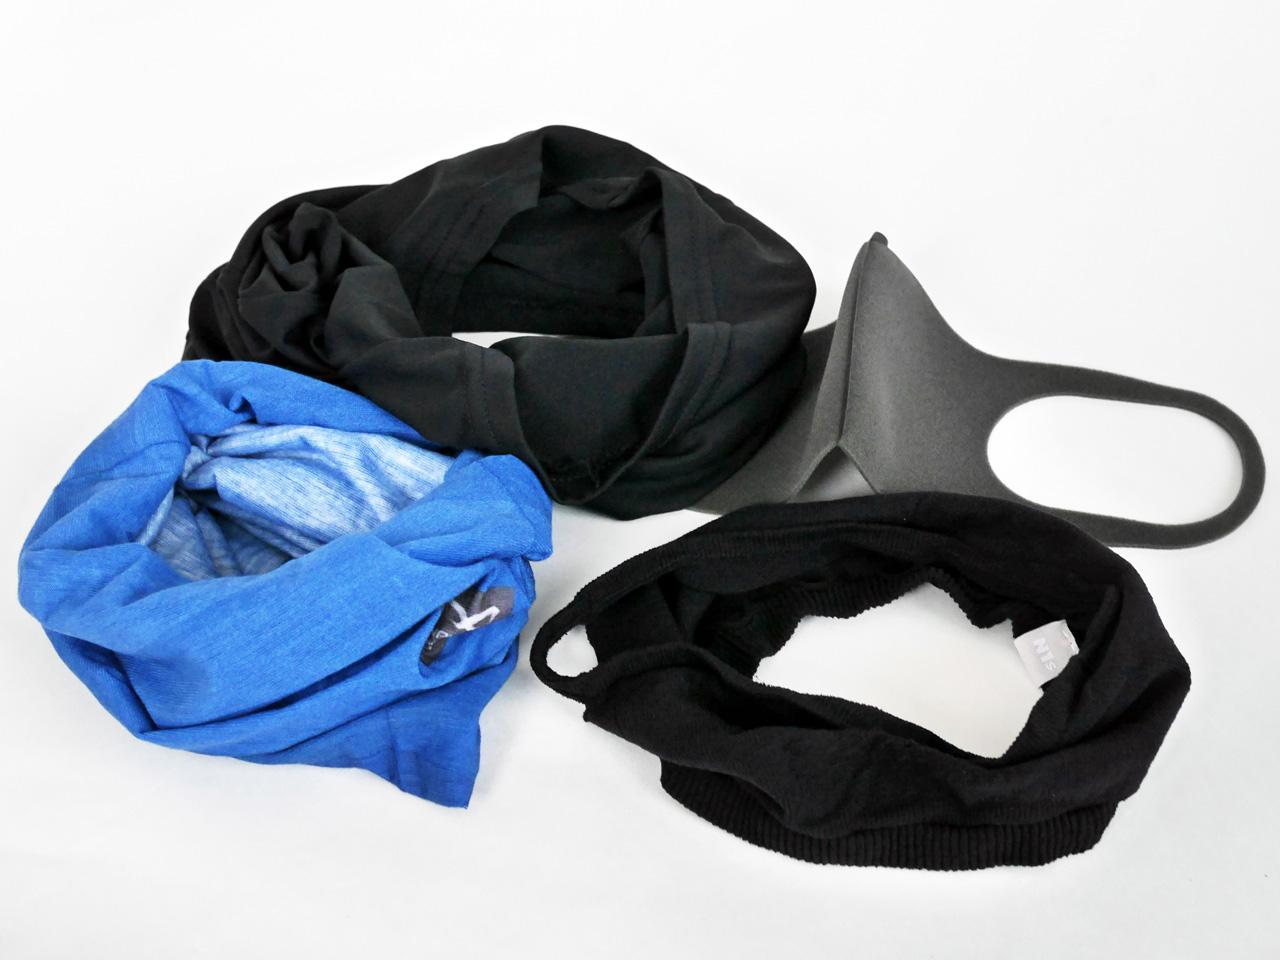 夏場のサイクリングに適したマスクを探す